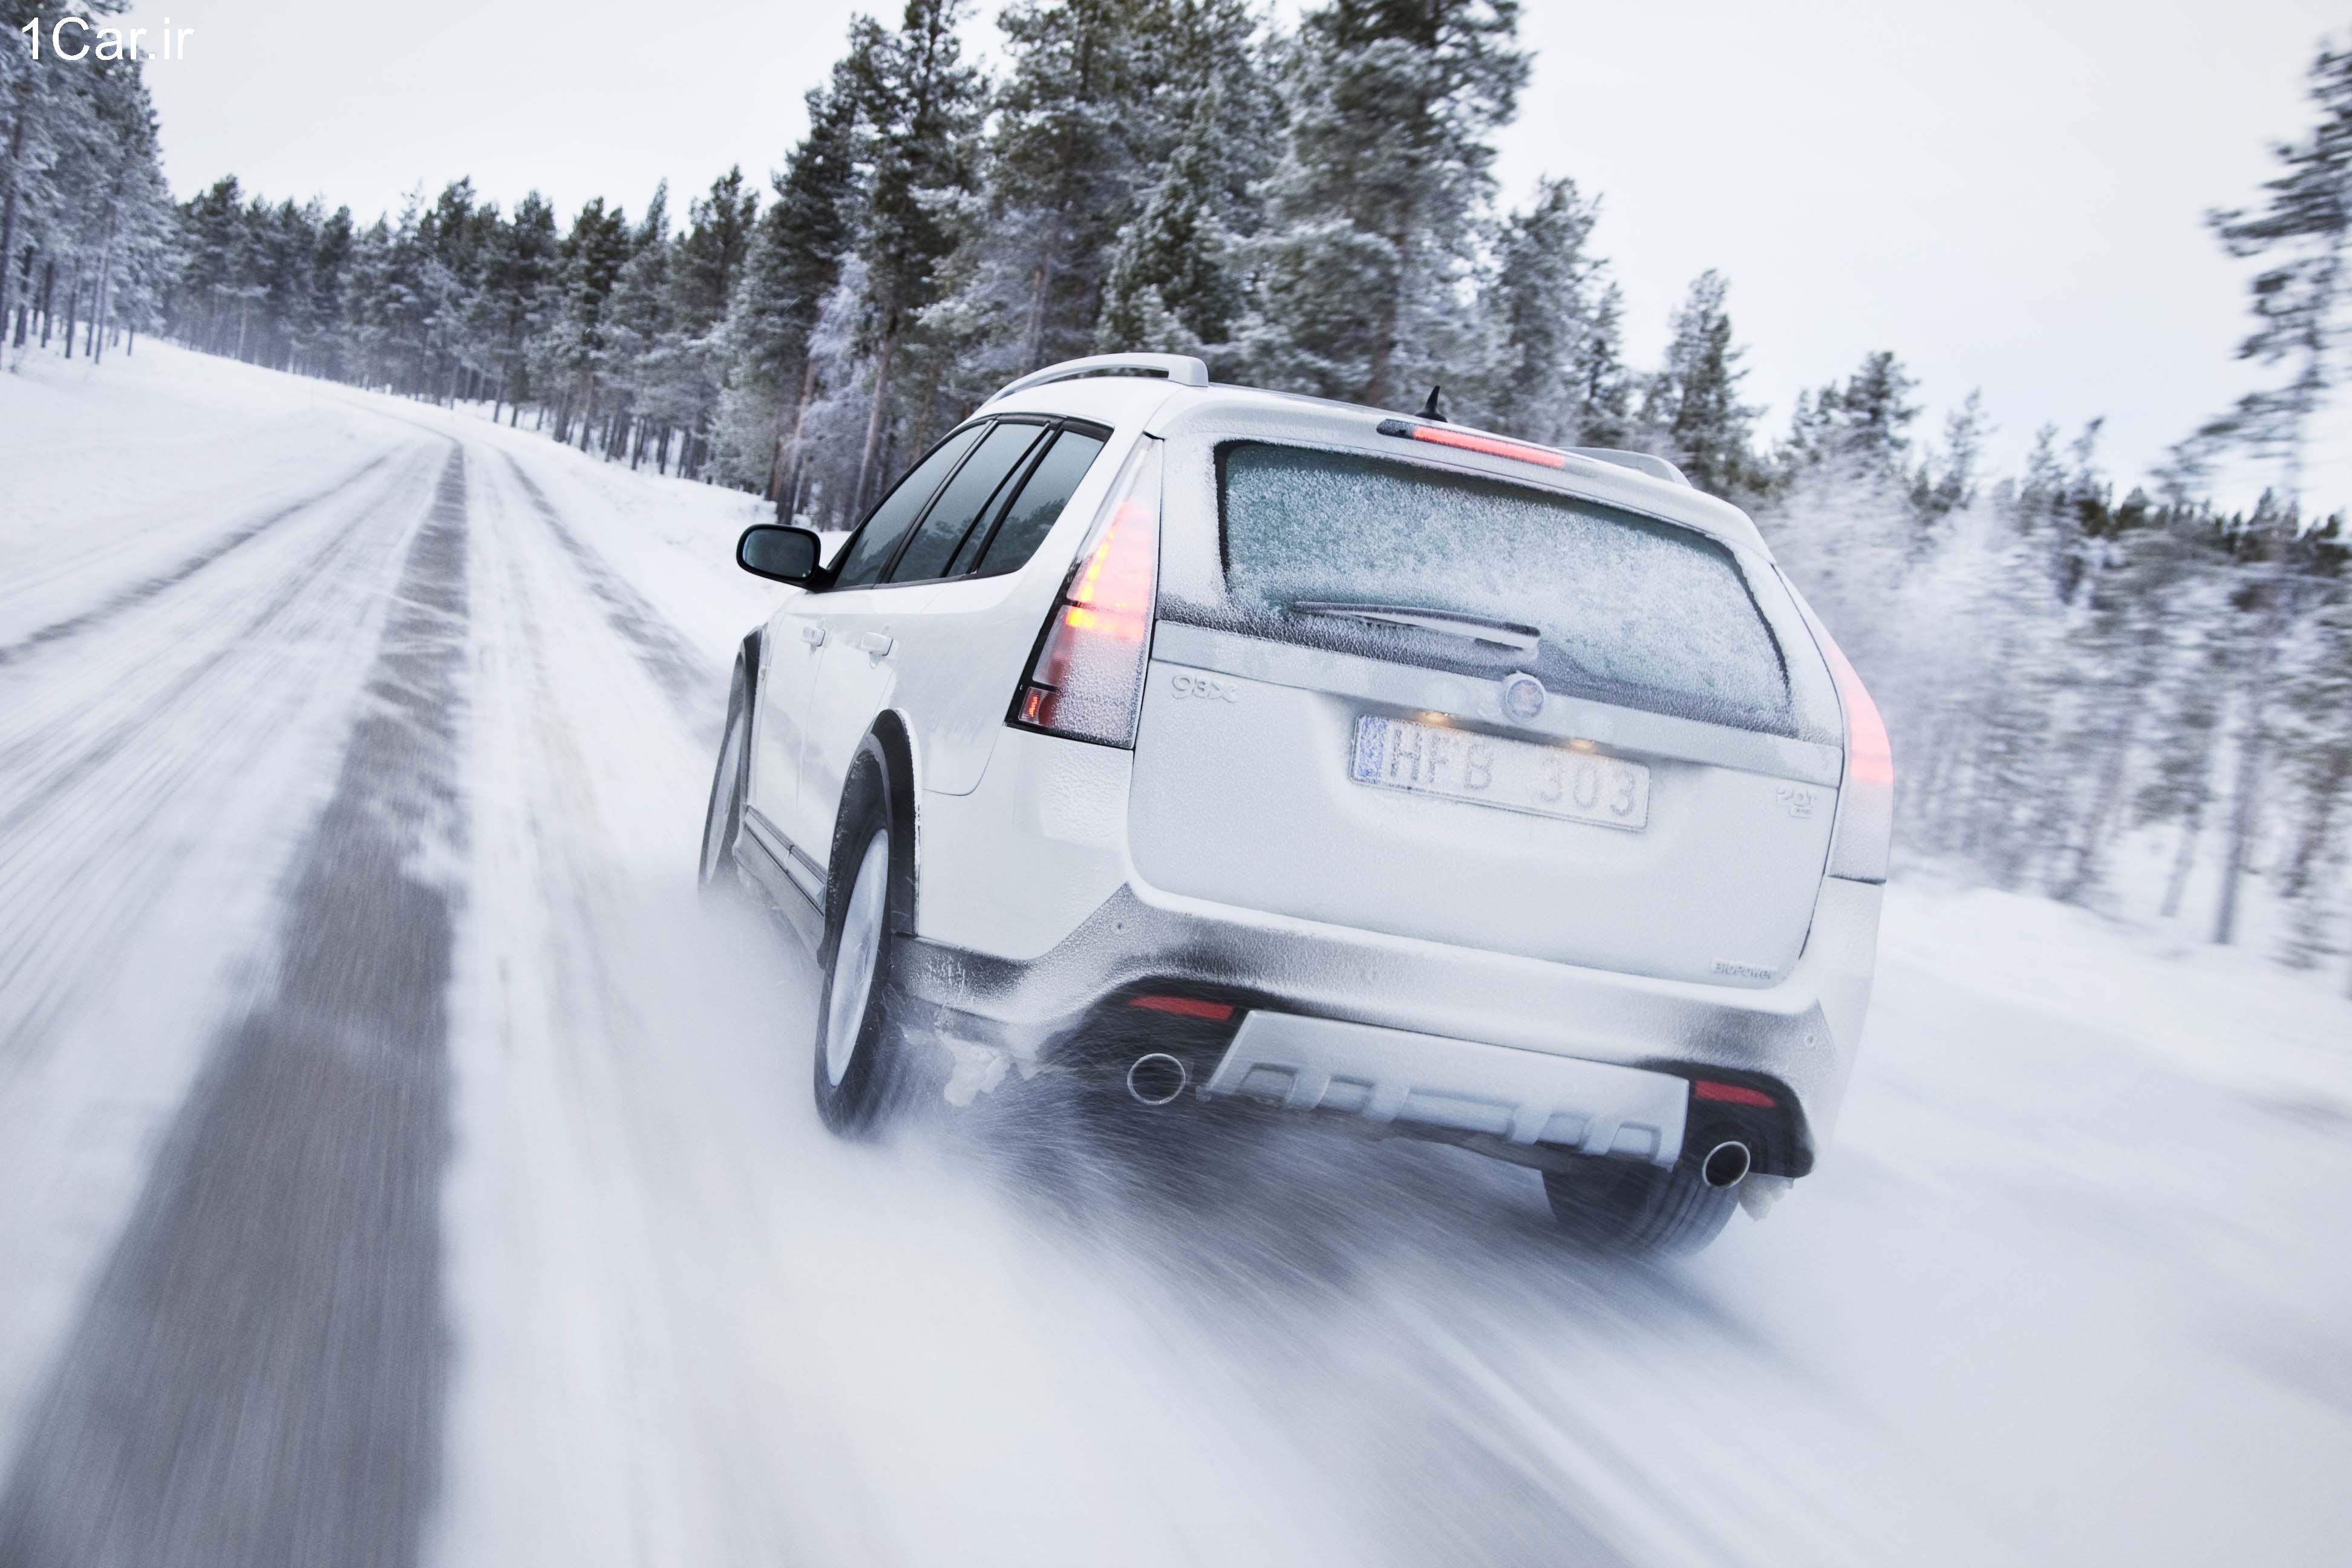 نکاتی در خصوص نگهداری خودرو در زمستان  پُر بودن باک بنزین اولین نکته مهم برای مالکان خودروها باشد